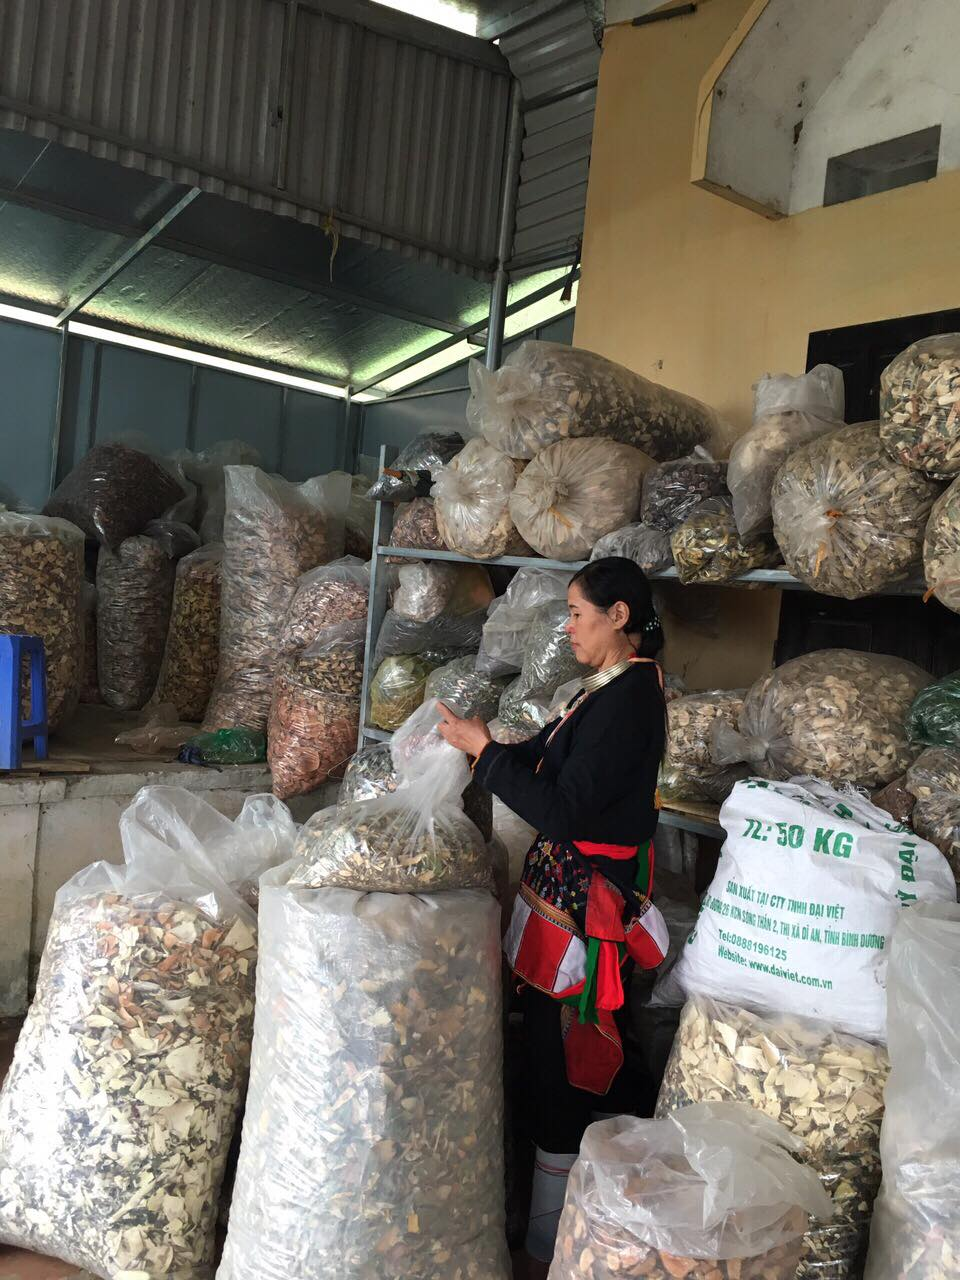 Kinh nghiệm uyên thâm của lương y Triệu Thị Hòa trong việc cắt cơn đau nhức xương khớp - Ảnh 1